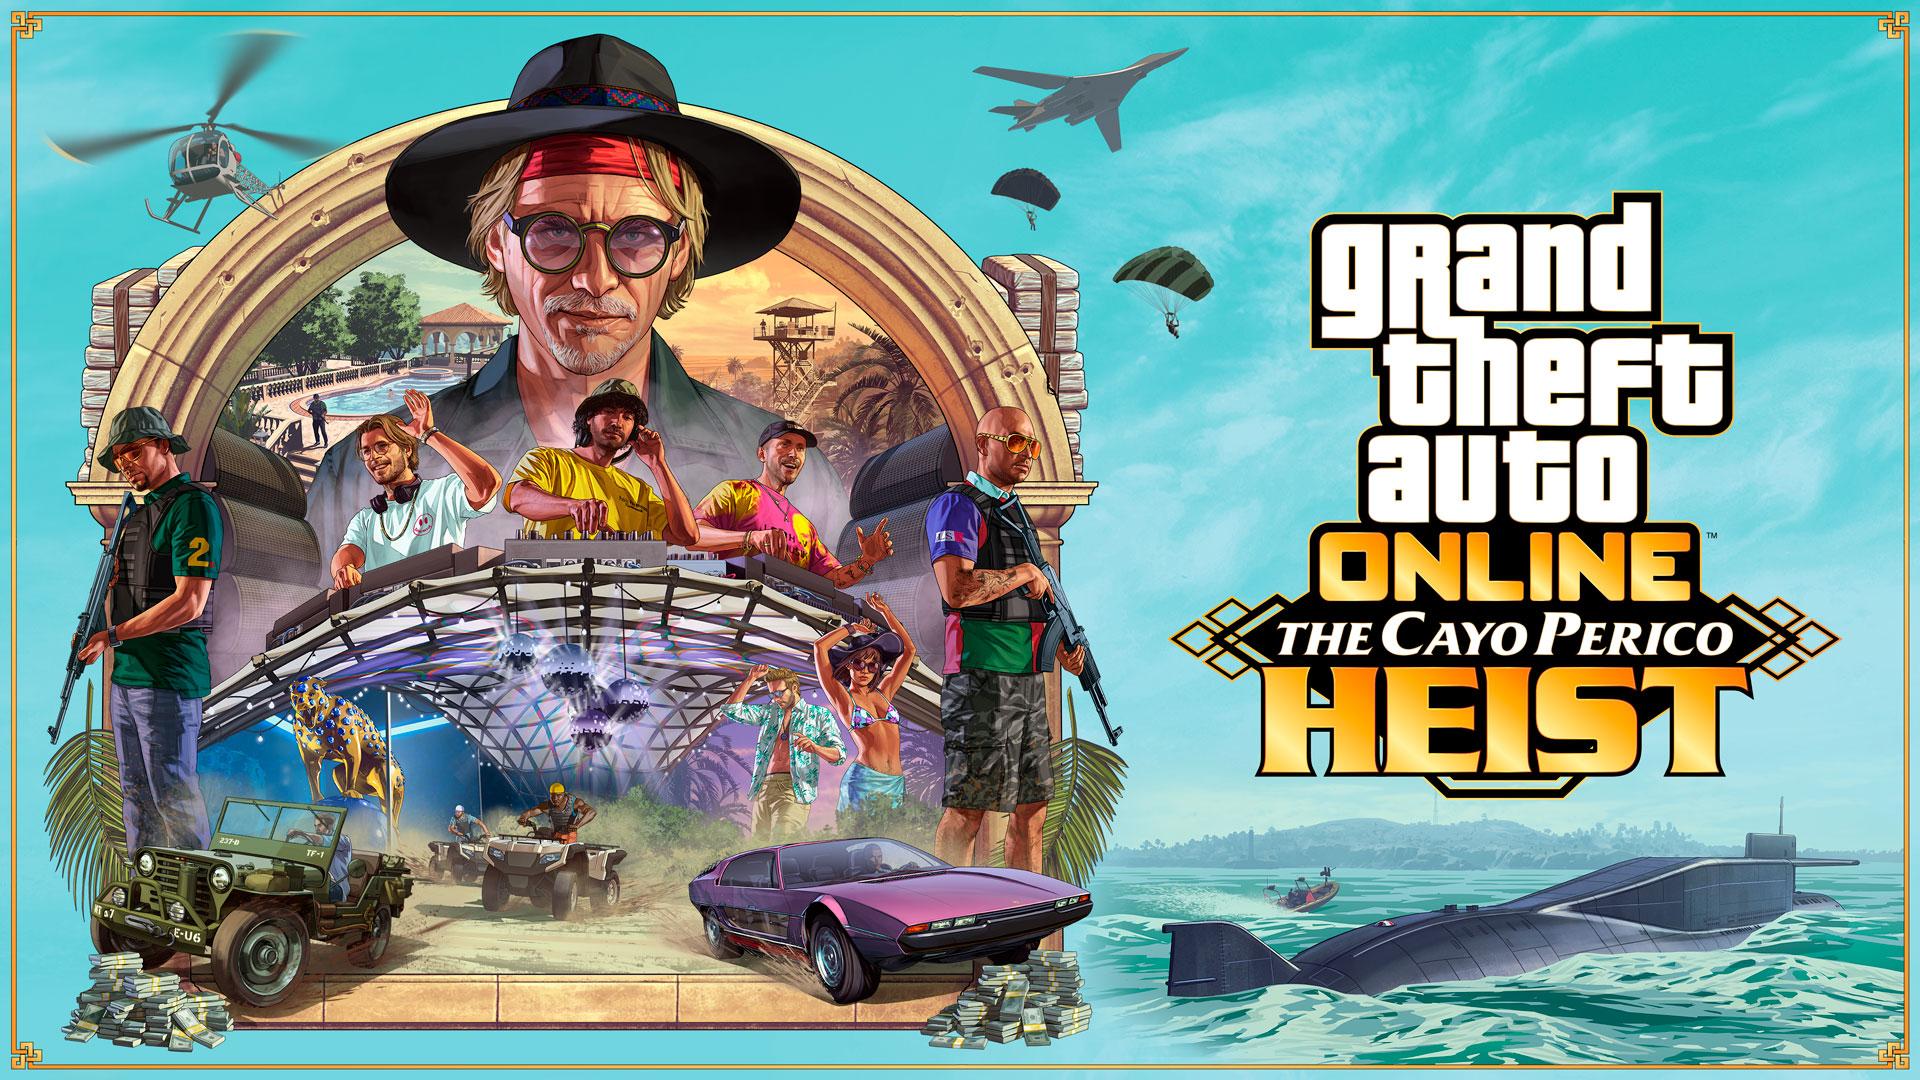 強盗:カヨ・ペリコ - Grand Theft Auto V(グランドセフトオート5)GTA5 ...